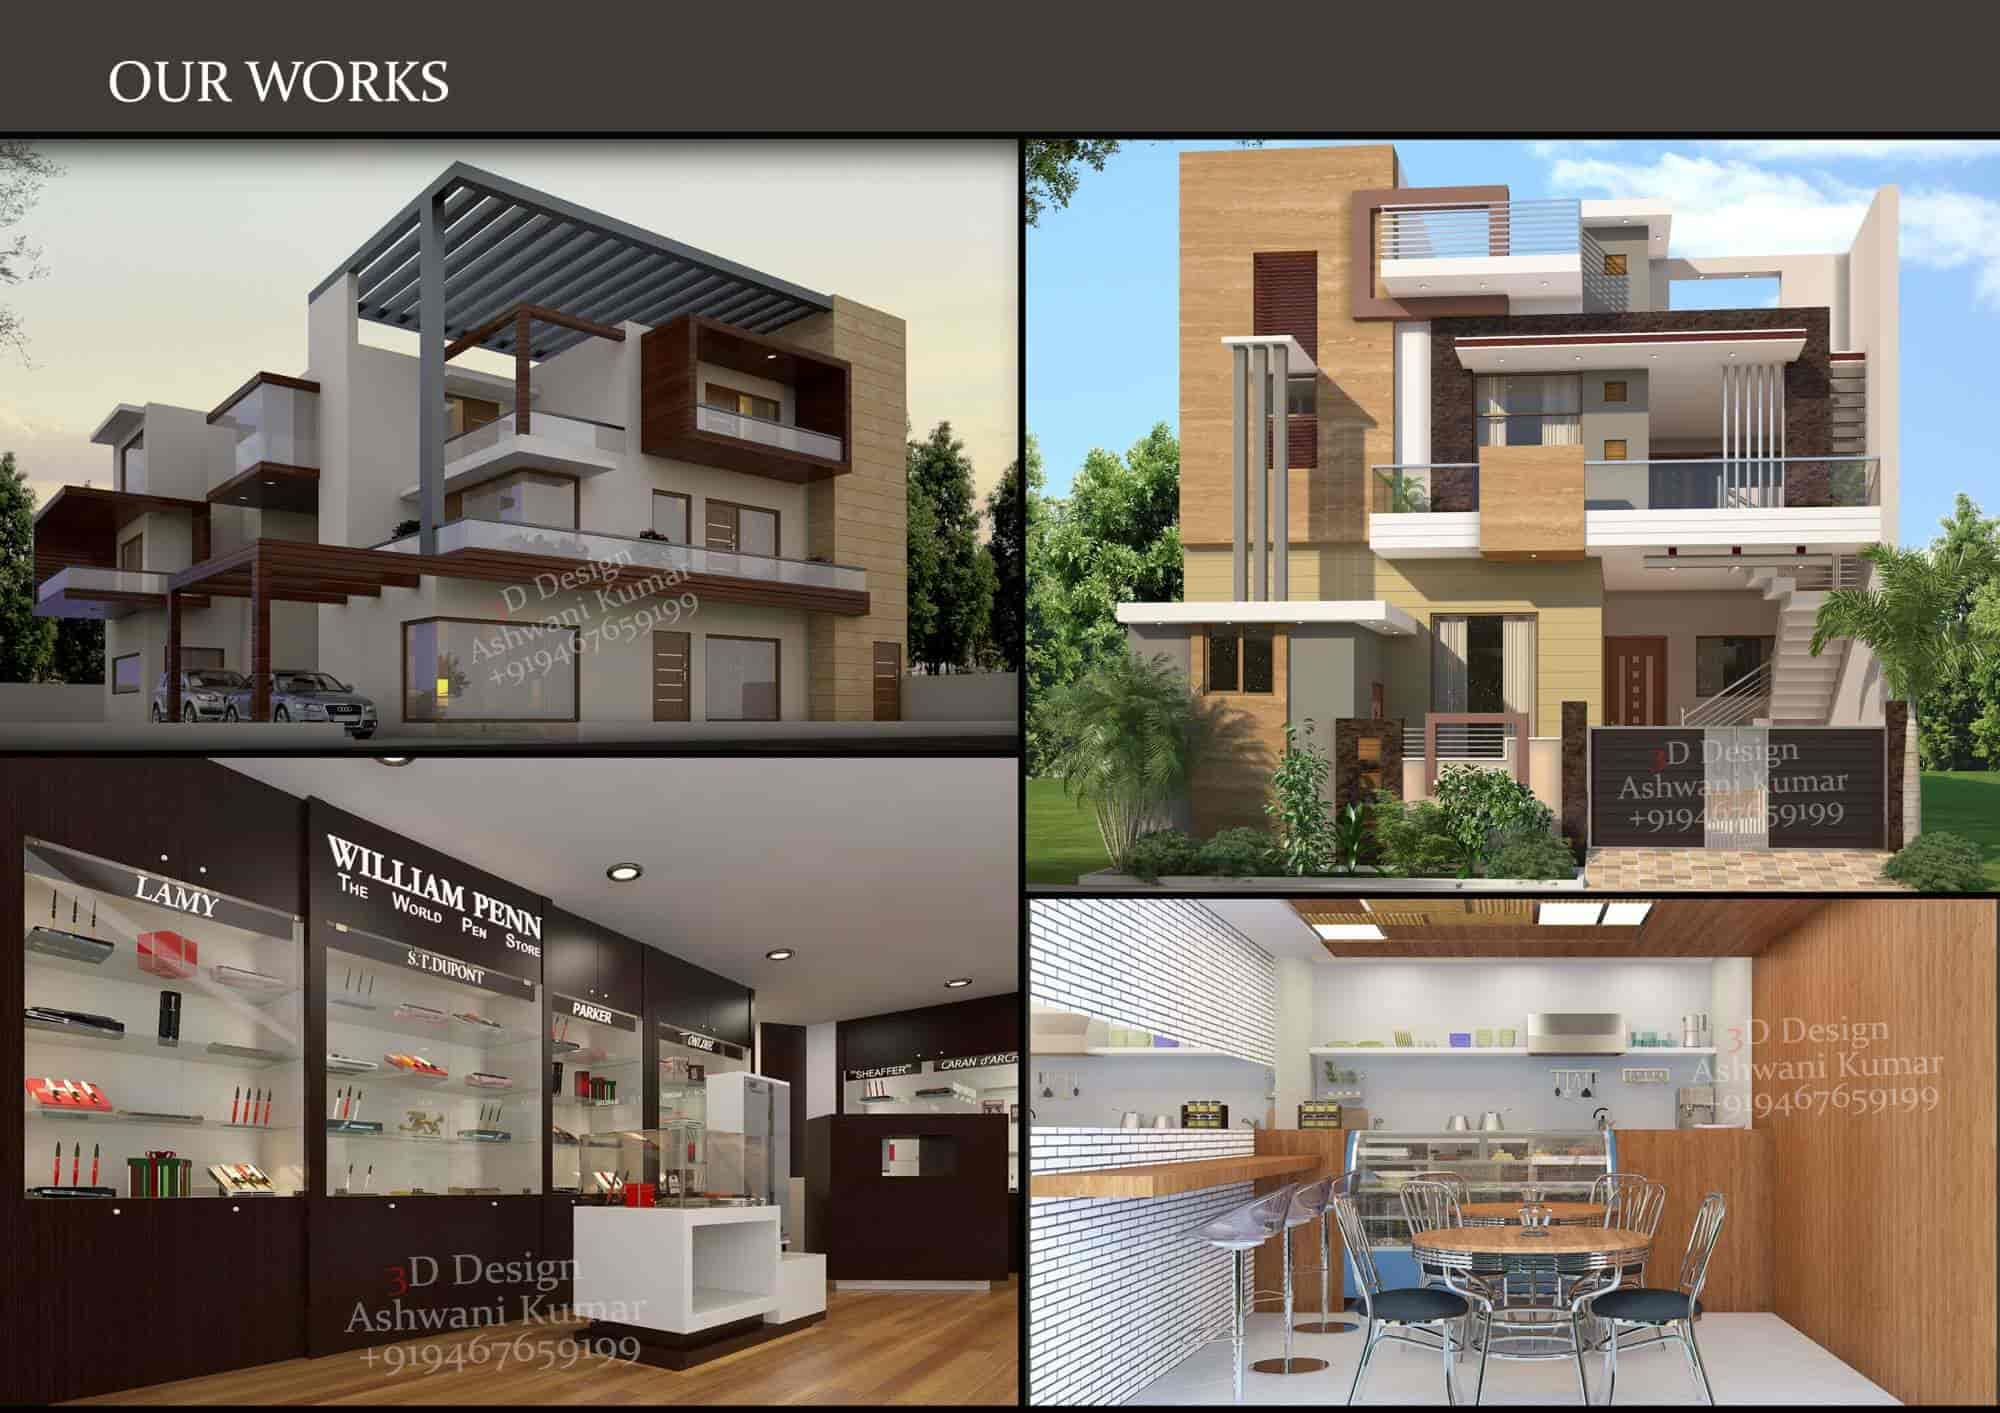 3d Design Panchkula Architects In Panchkula Chandigarh Justdial